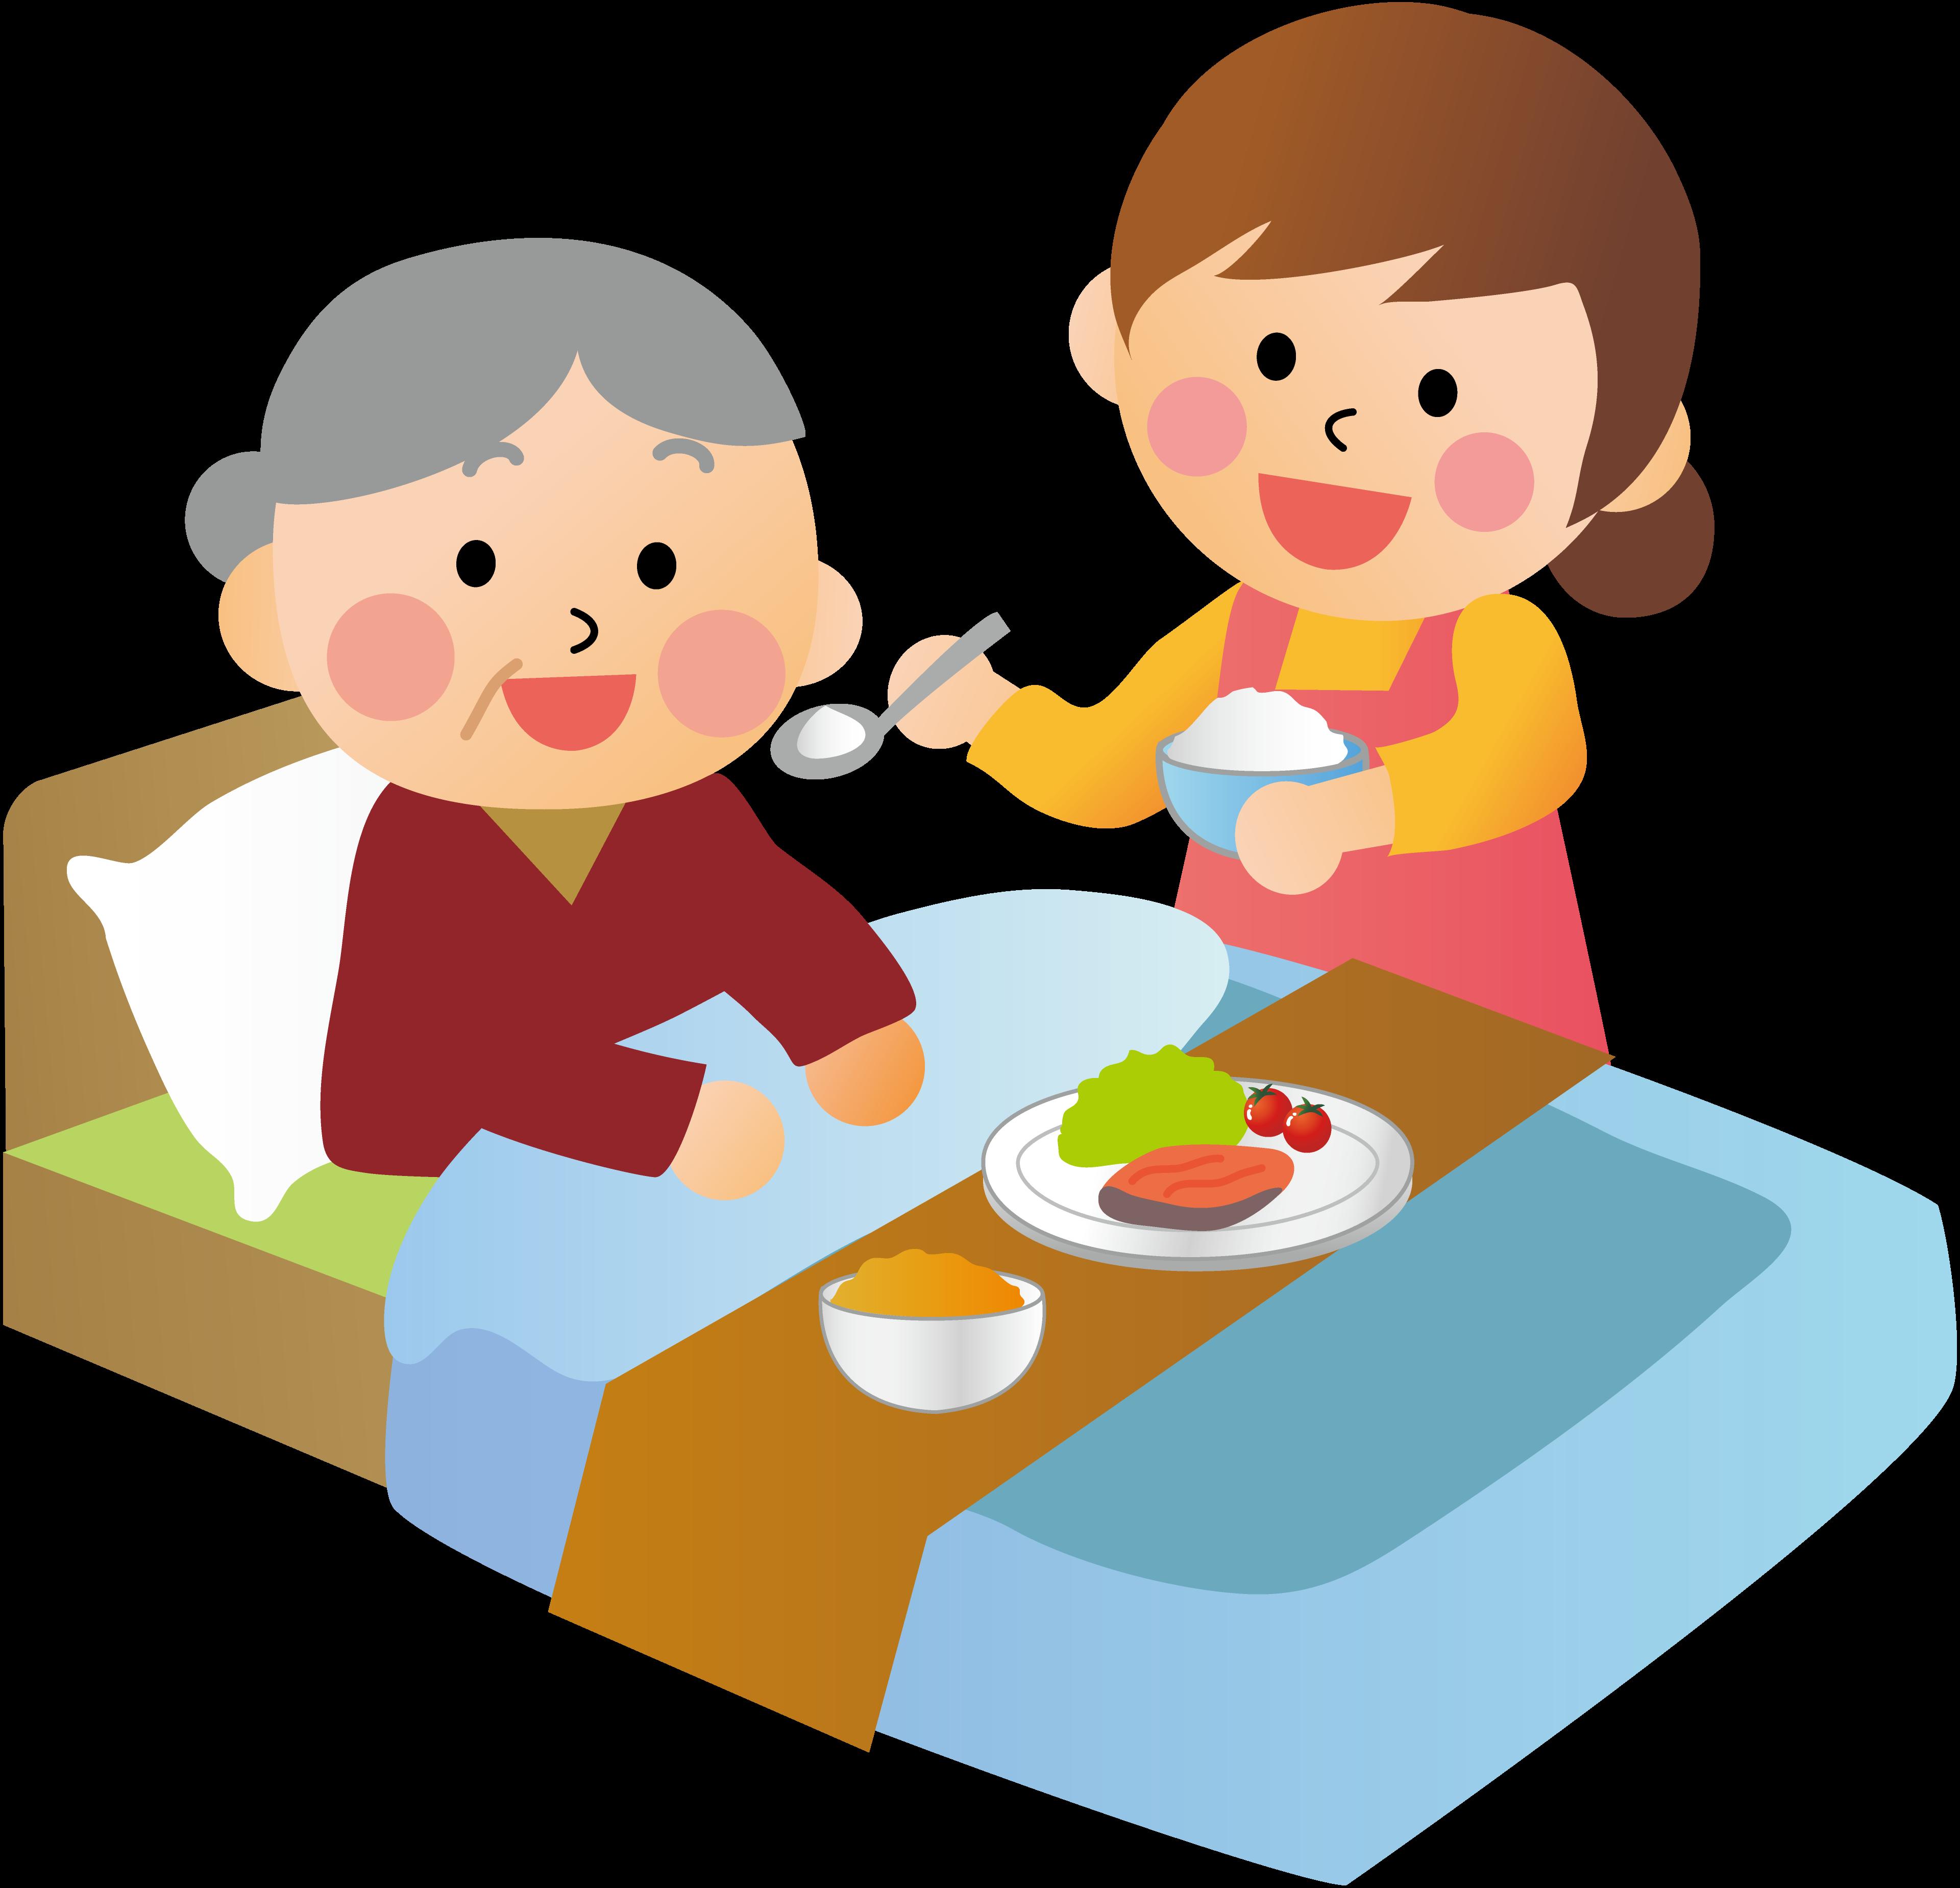 同居家族がいる訪問介護の生活援助 - 介護 …